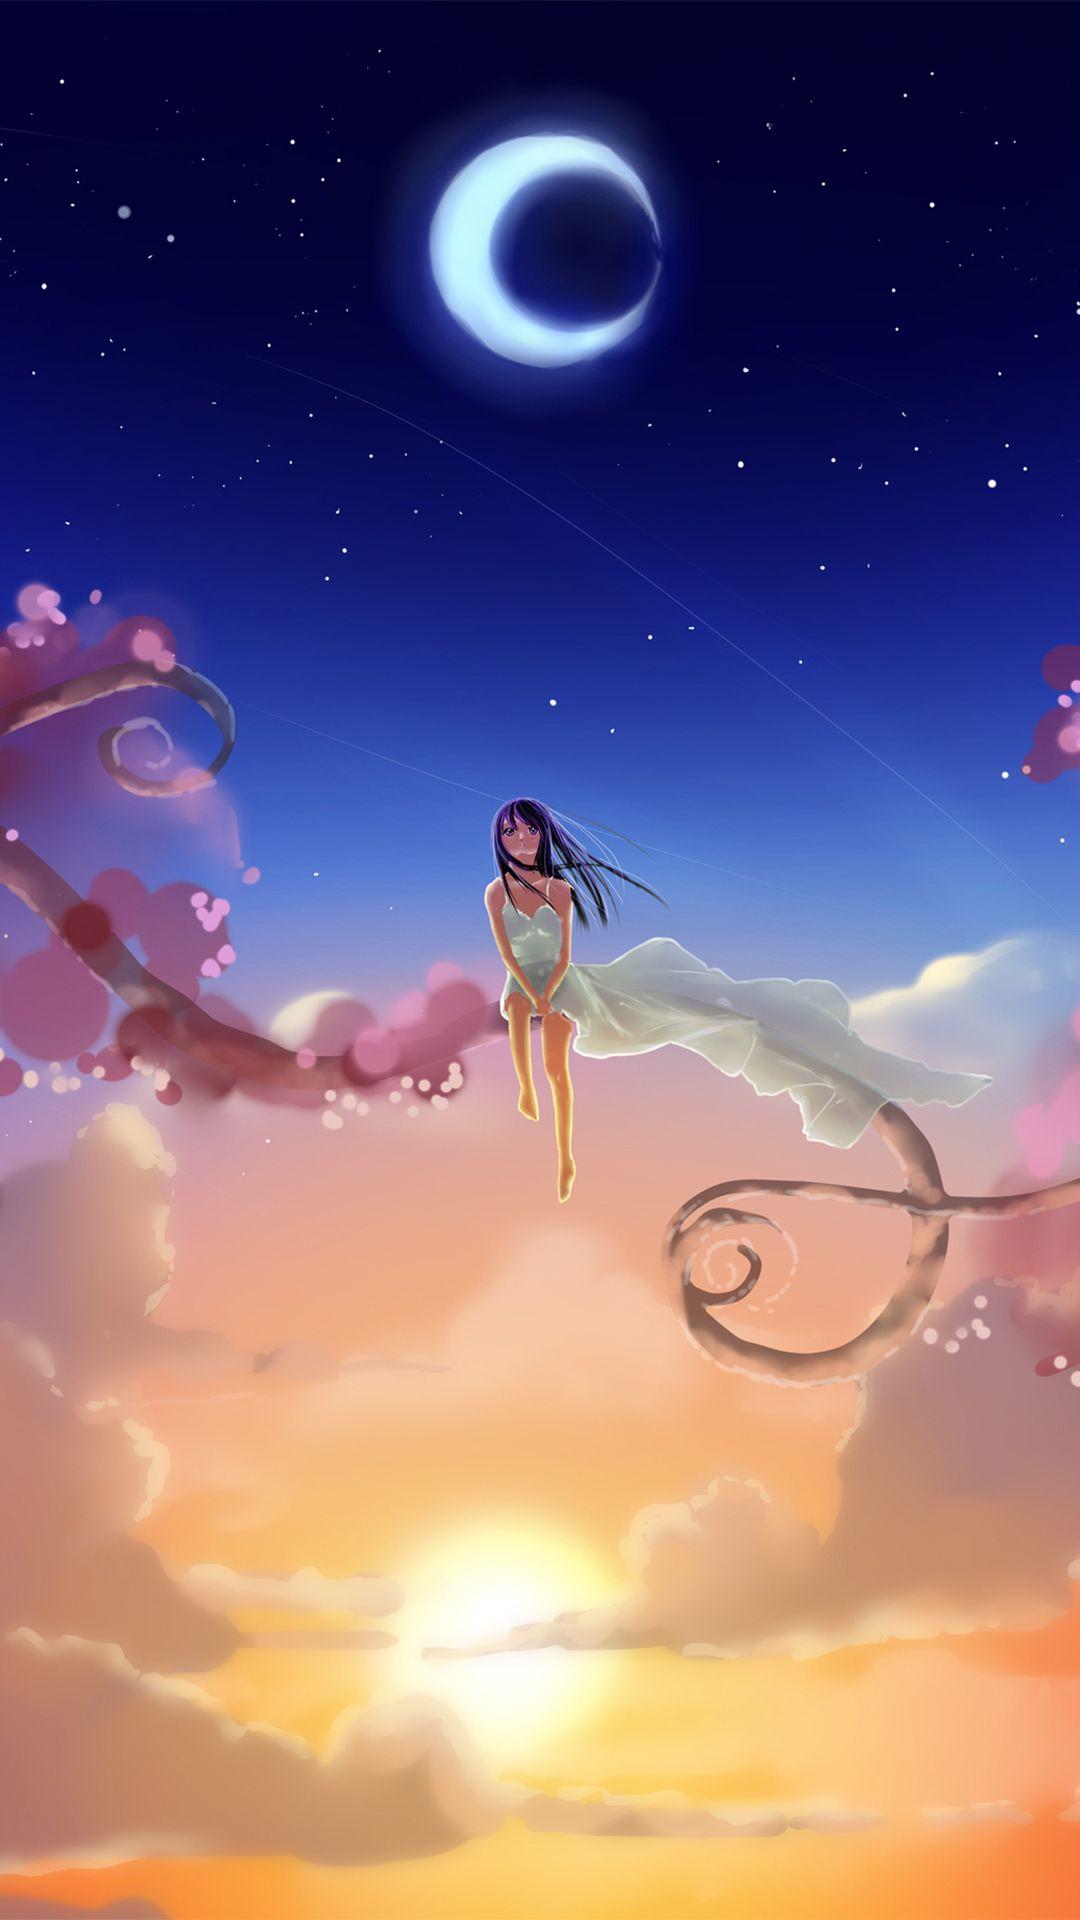 Anime Wallpaper 1366x768 : anime, wallpaper, 1366x768, Valerie, Adkins, Wallpaper, Anime, Iphone,, Wallpaper,, World